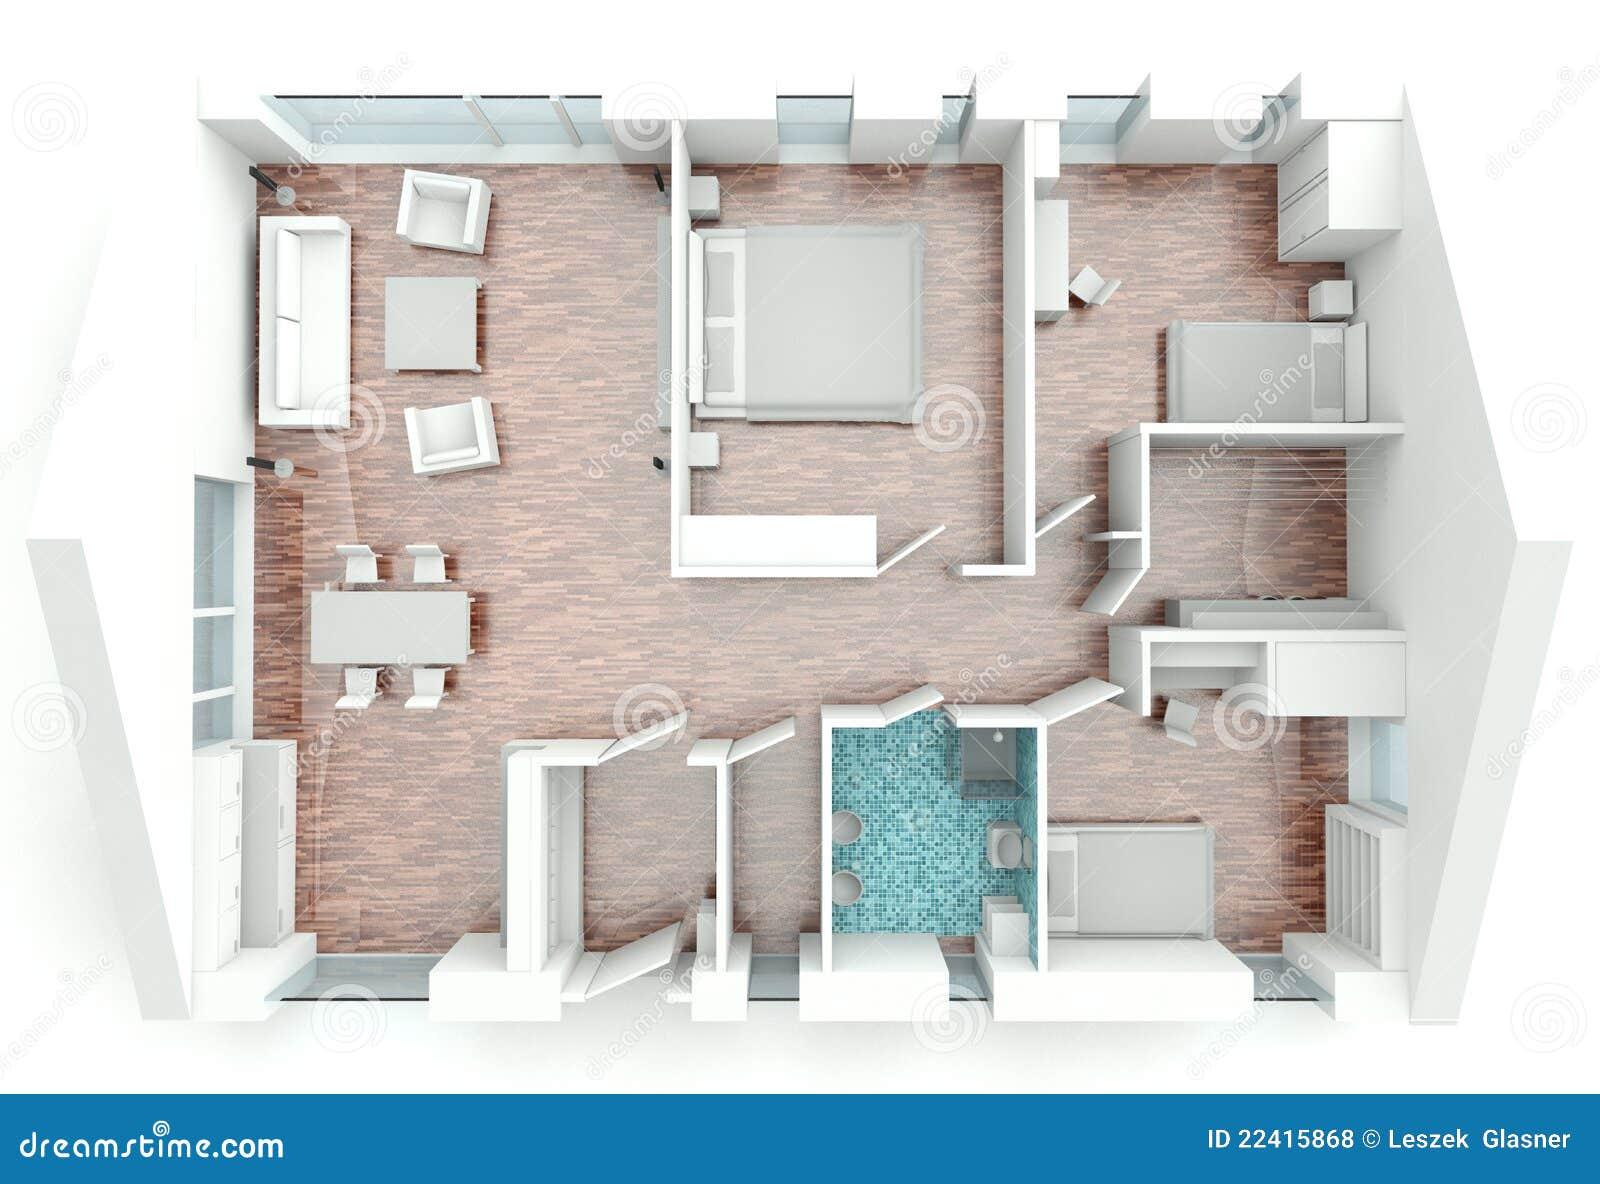 Plan de maison du rendu 3d